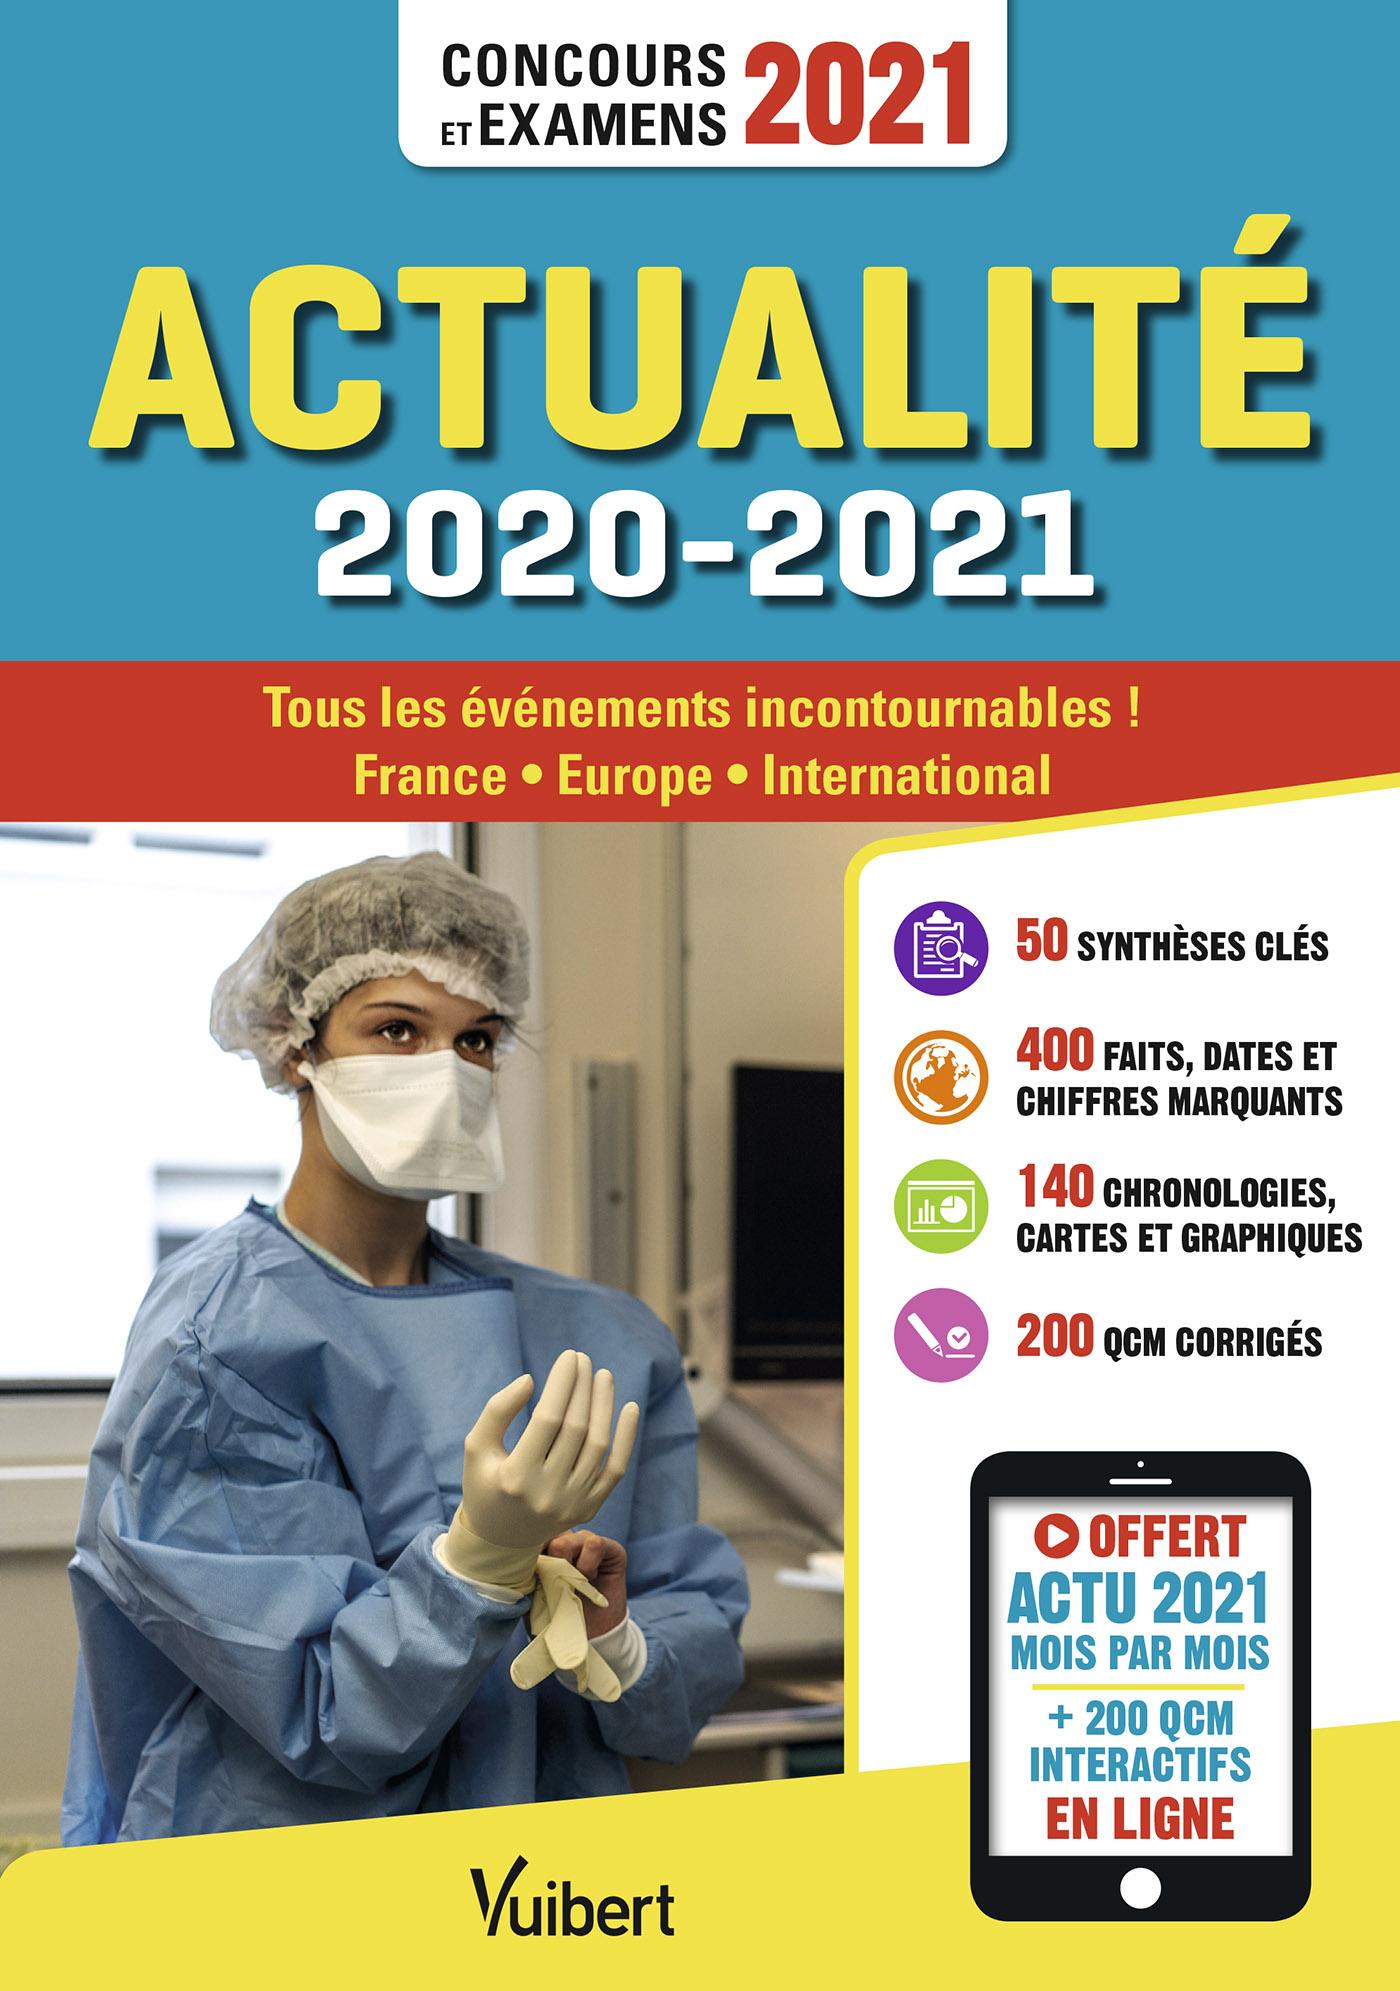 Actualité 2020-2021 - Concours et examens 2021 - Actu 2021 offerte en ligne | Klinger, Thibaut. Auteur